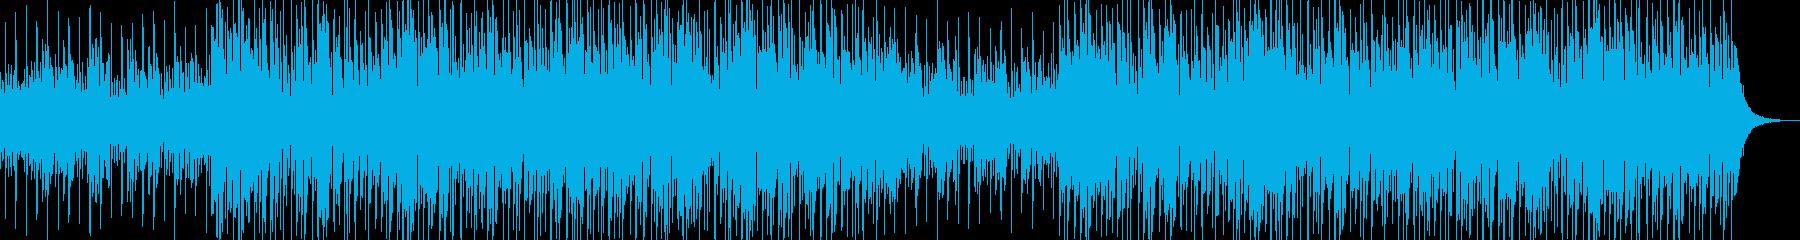 可愛いウクレレ/軽快/ハッピー/ほのぼのの再生済みの波形